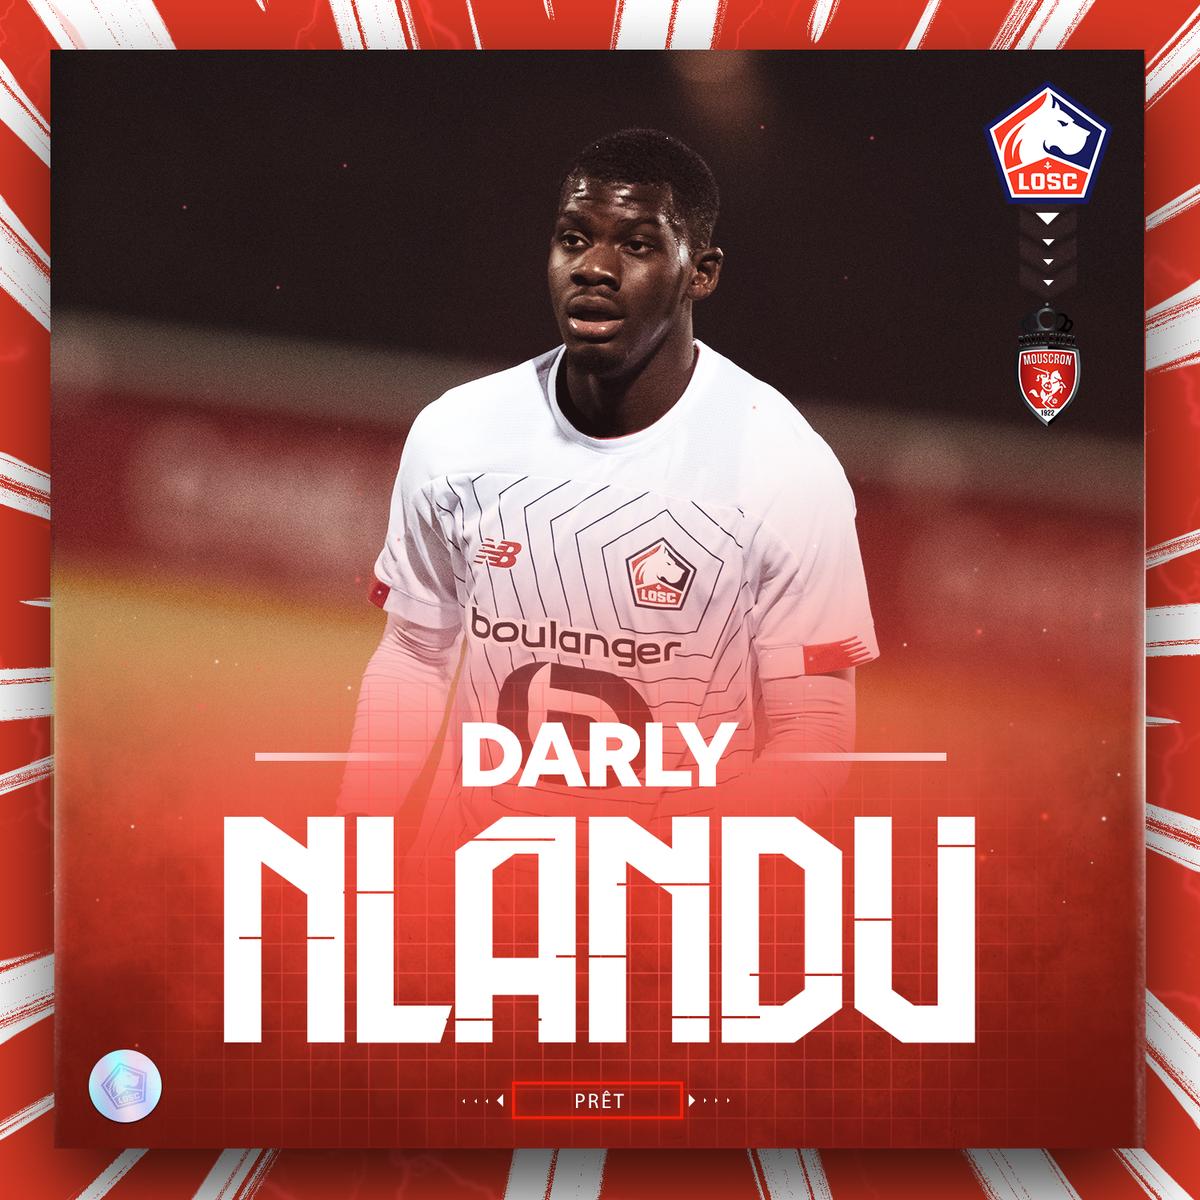 Darly Nlandu